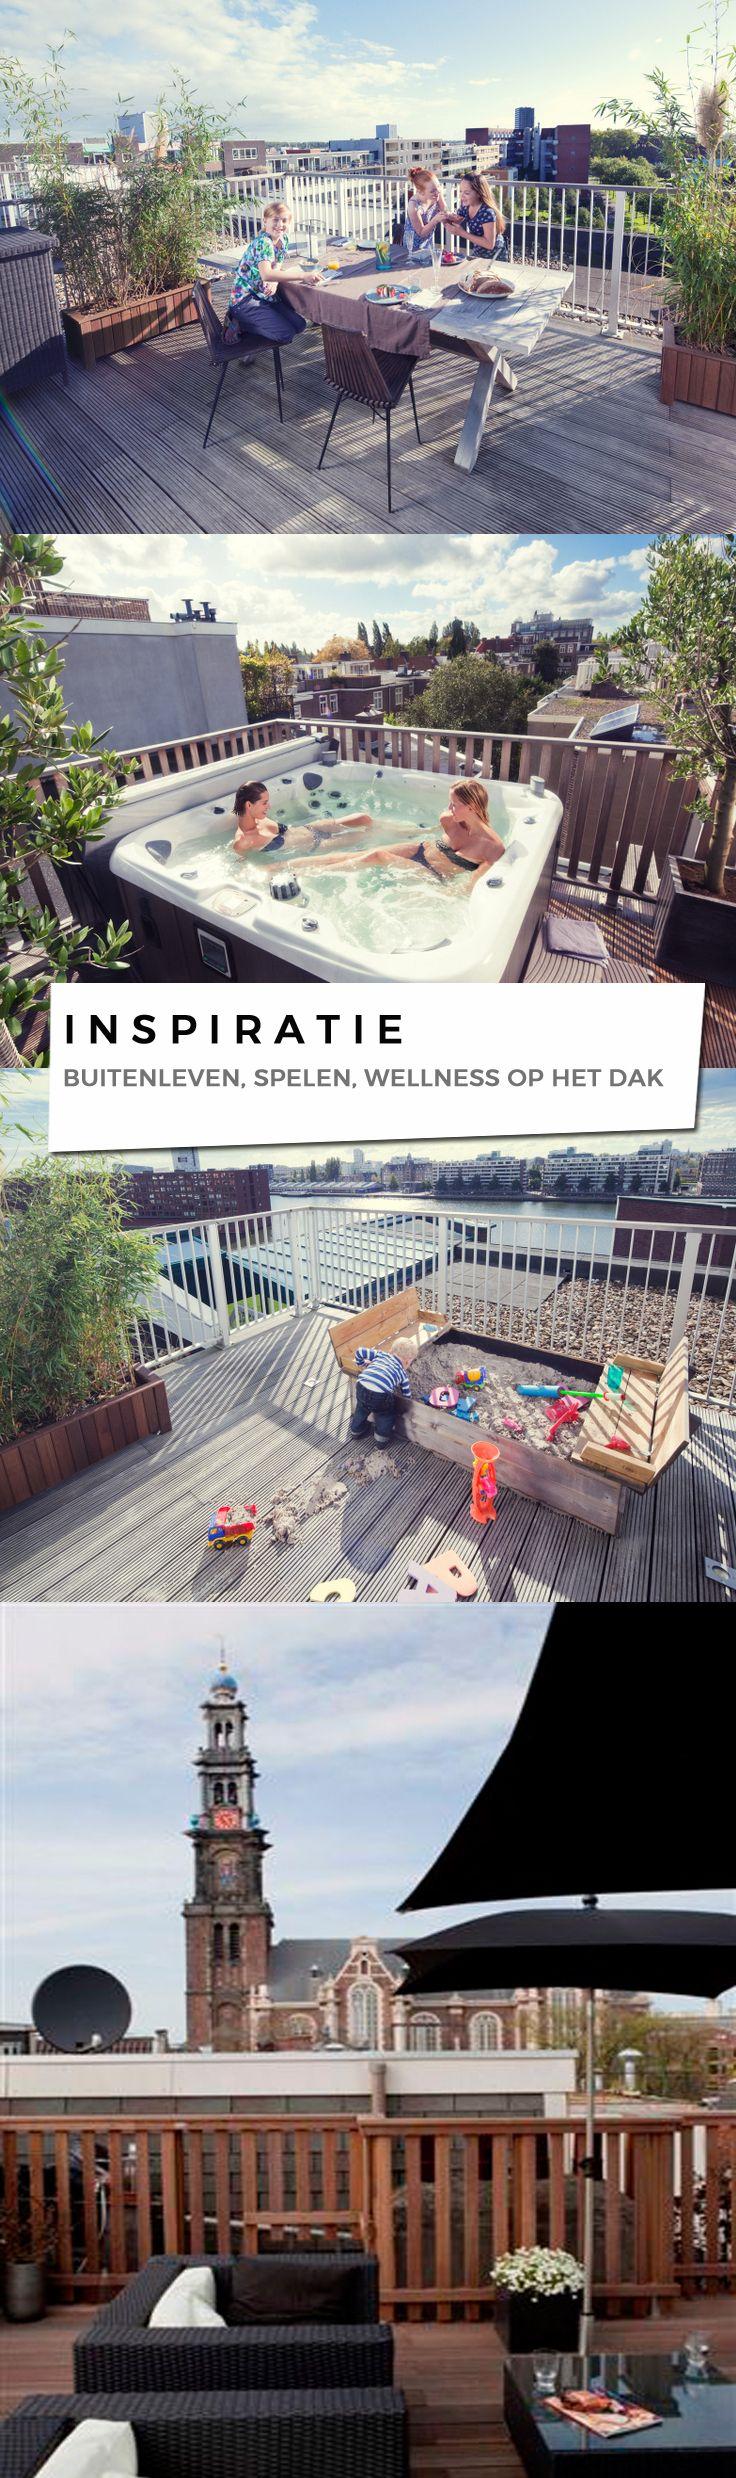 Het platte dak wordt steeds vaker gebruikt als leefdak. Een dakterras of daktuin biedt een aangename buitenruimte om te spelen, leven en te genieten van wellness.